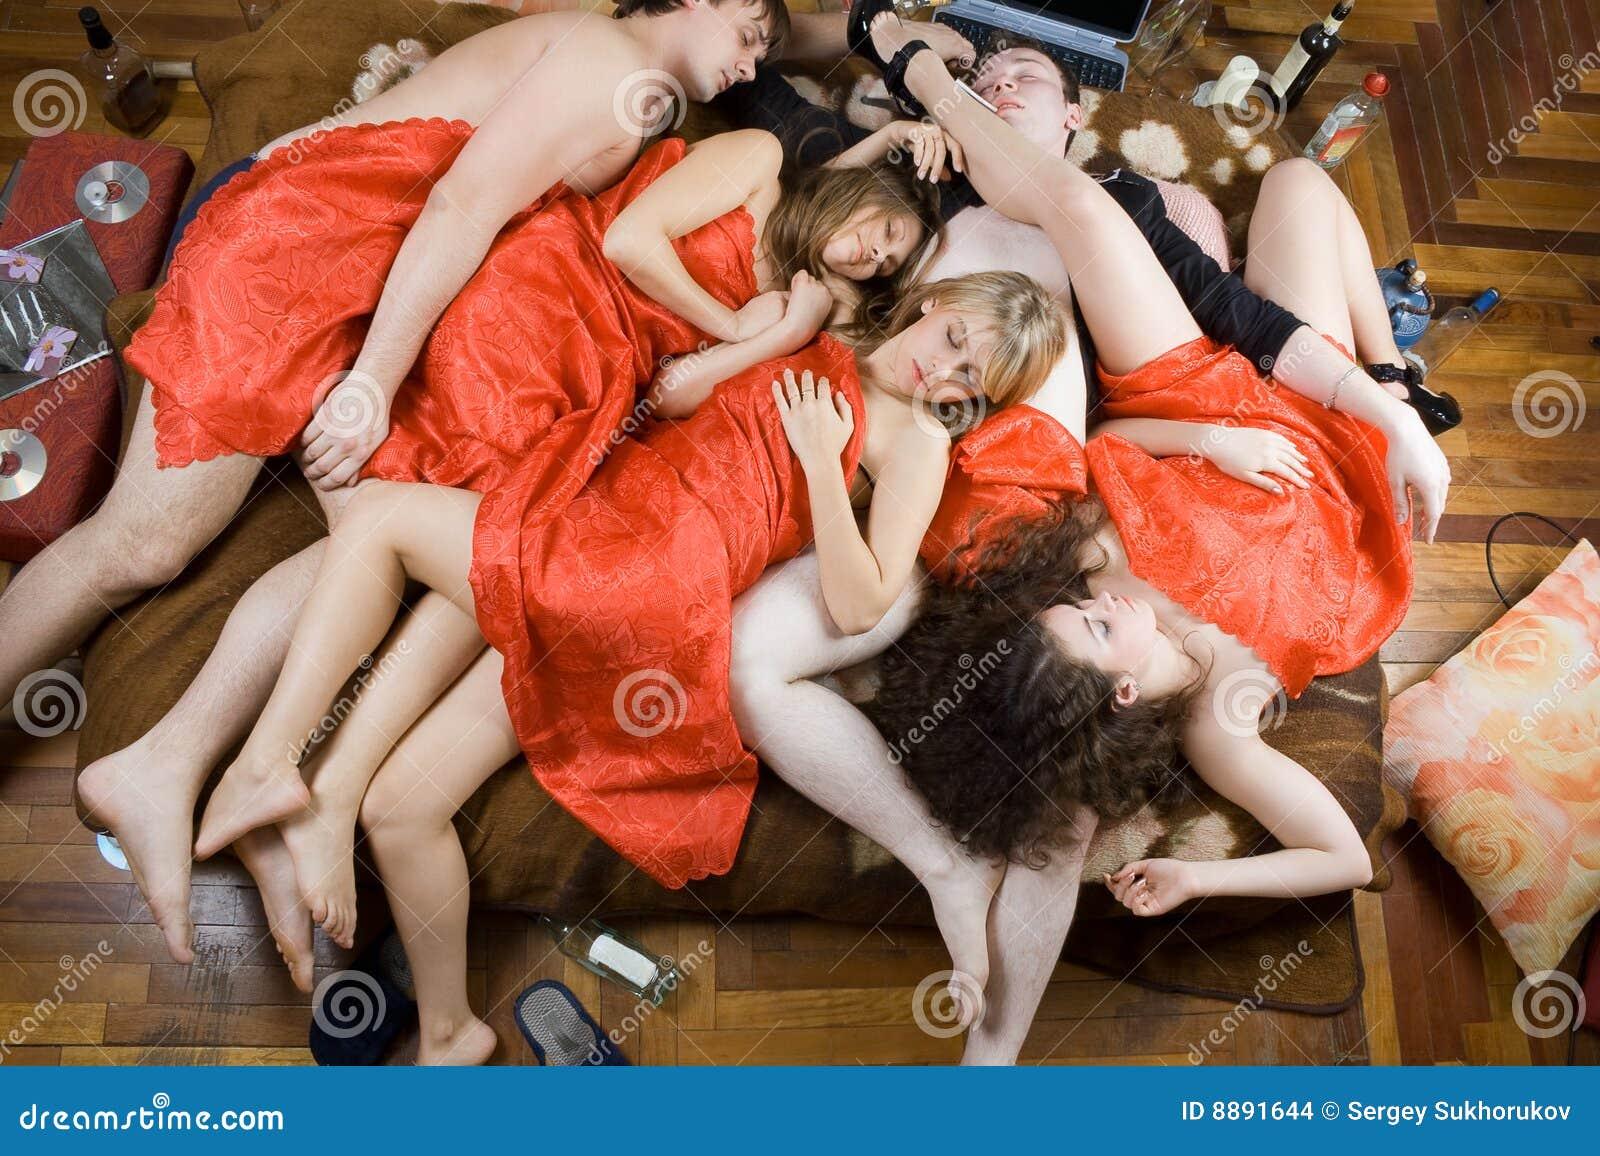 Gente joven durmiente borracha